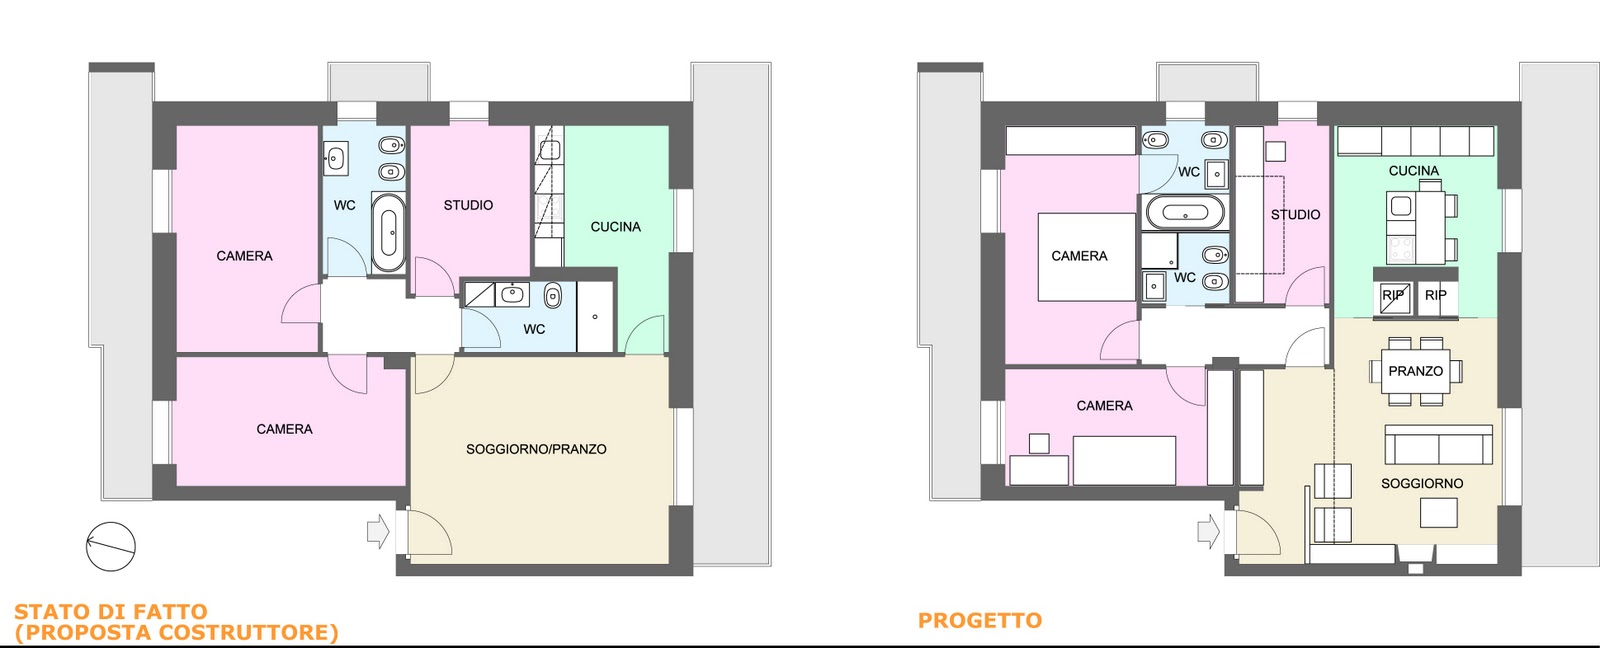 Appunti di architettura progettati da gk architetti abitazione di 85 mq - Progetto casa 85 mq ...